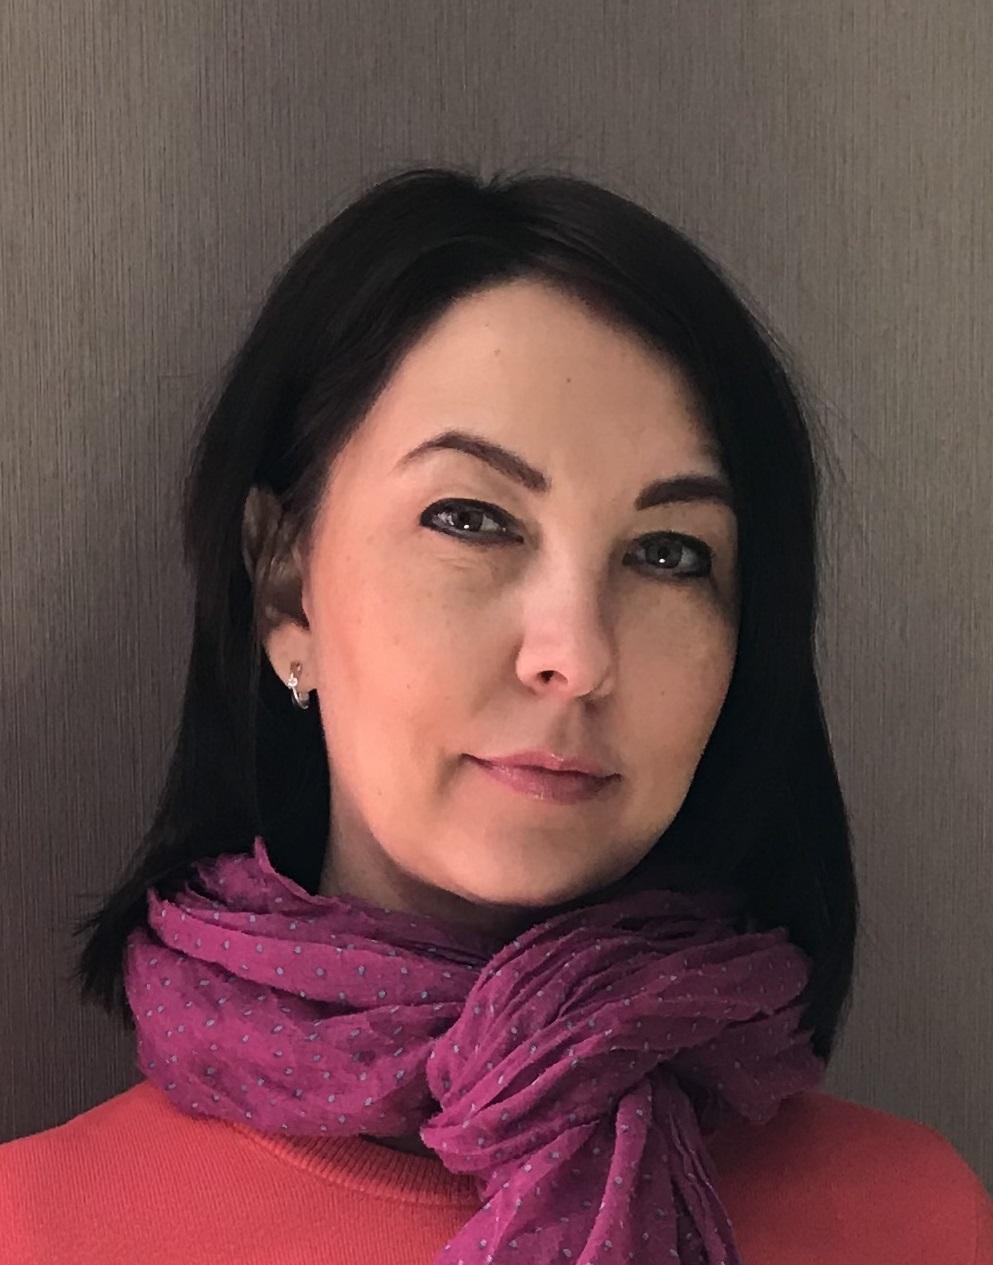 Савенкова Юлия Васильевна